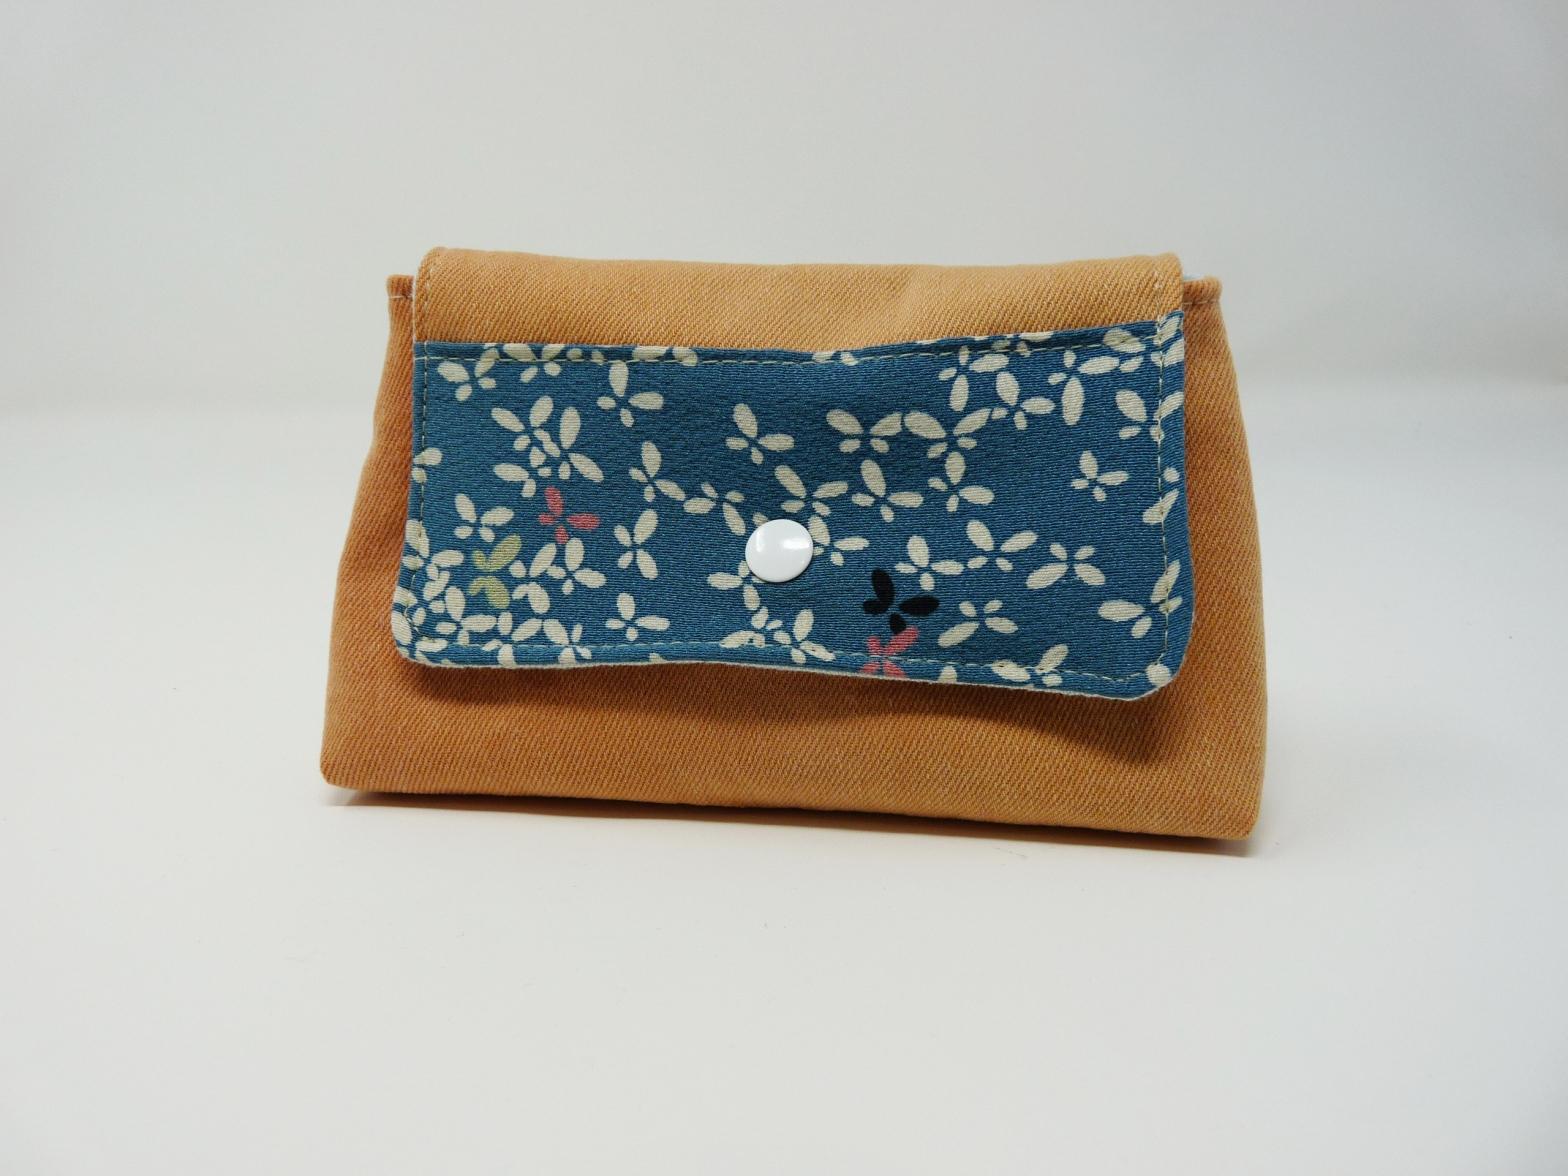 Pochette orange avec tissu japonais bleu à motifs de papillons